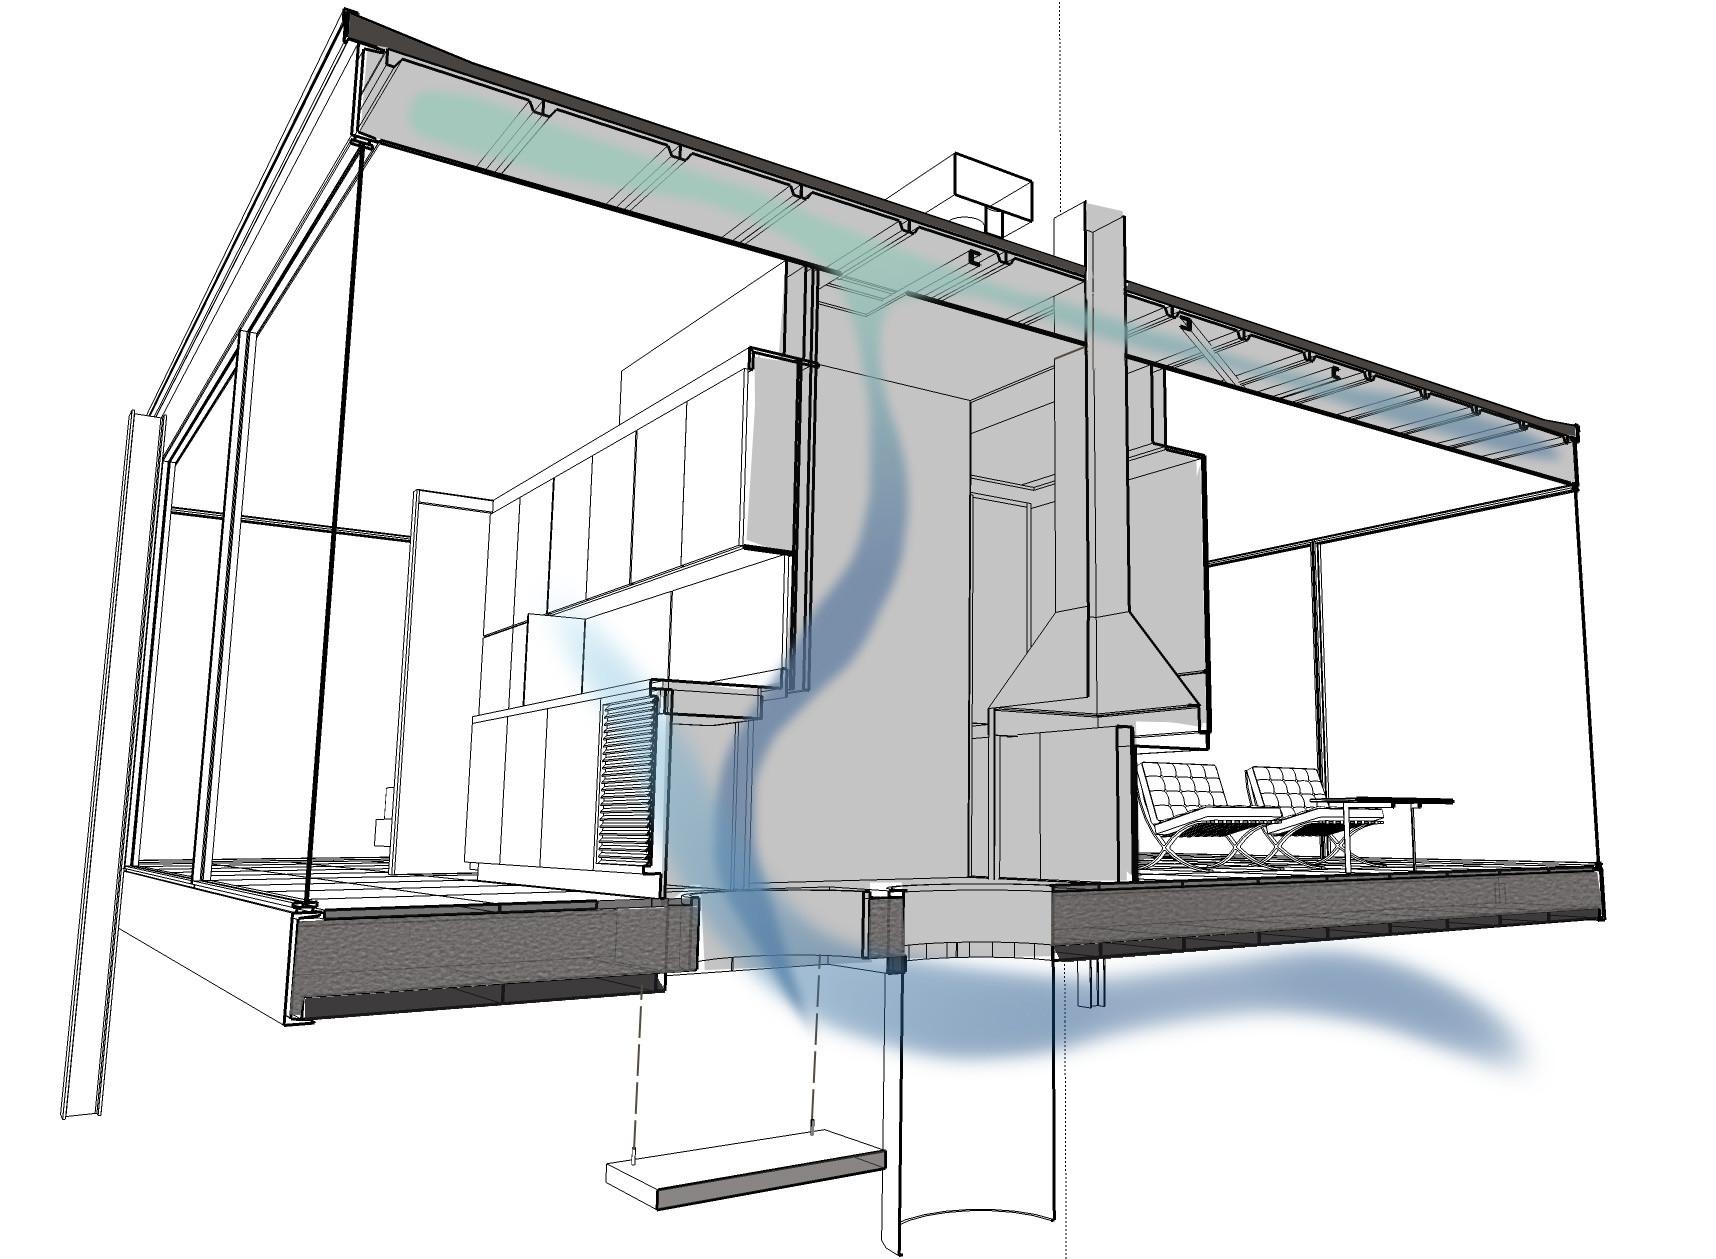 Dibujo tridimensional que muestra el sistema pasivo de enfriamiento. Image Cortesia de Juan Fernando Valencia